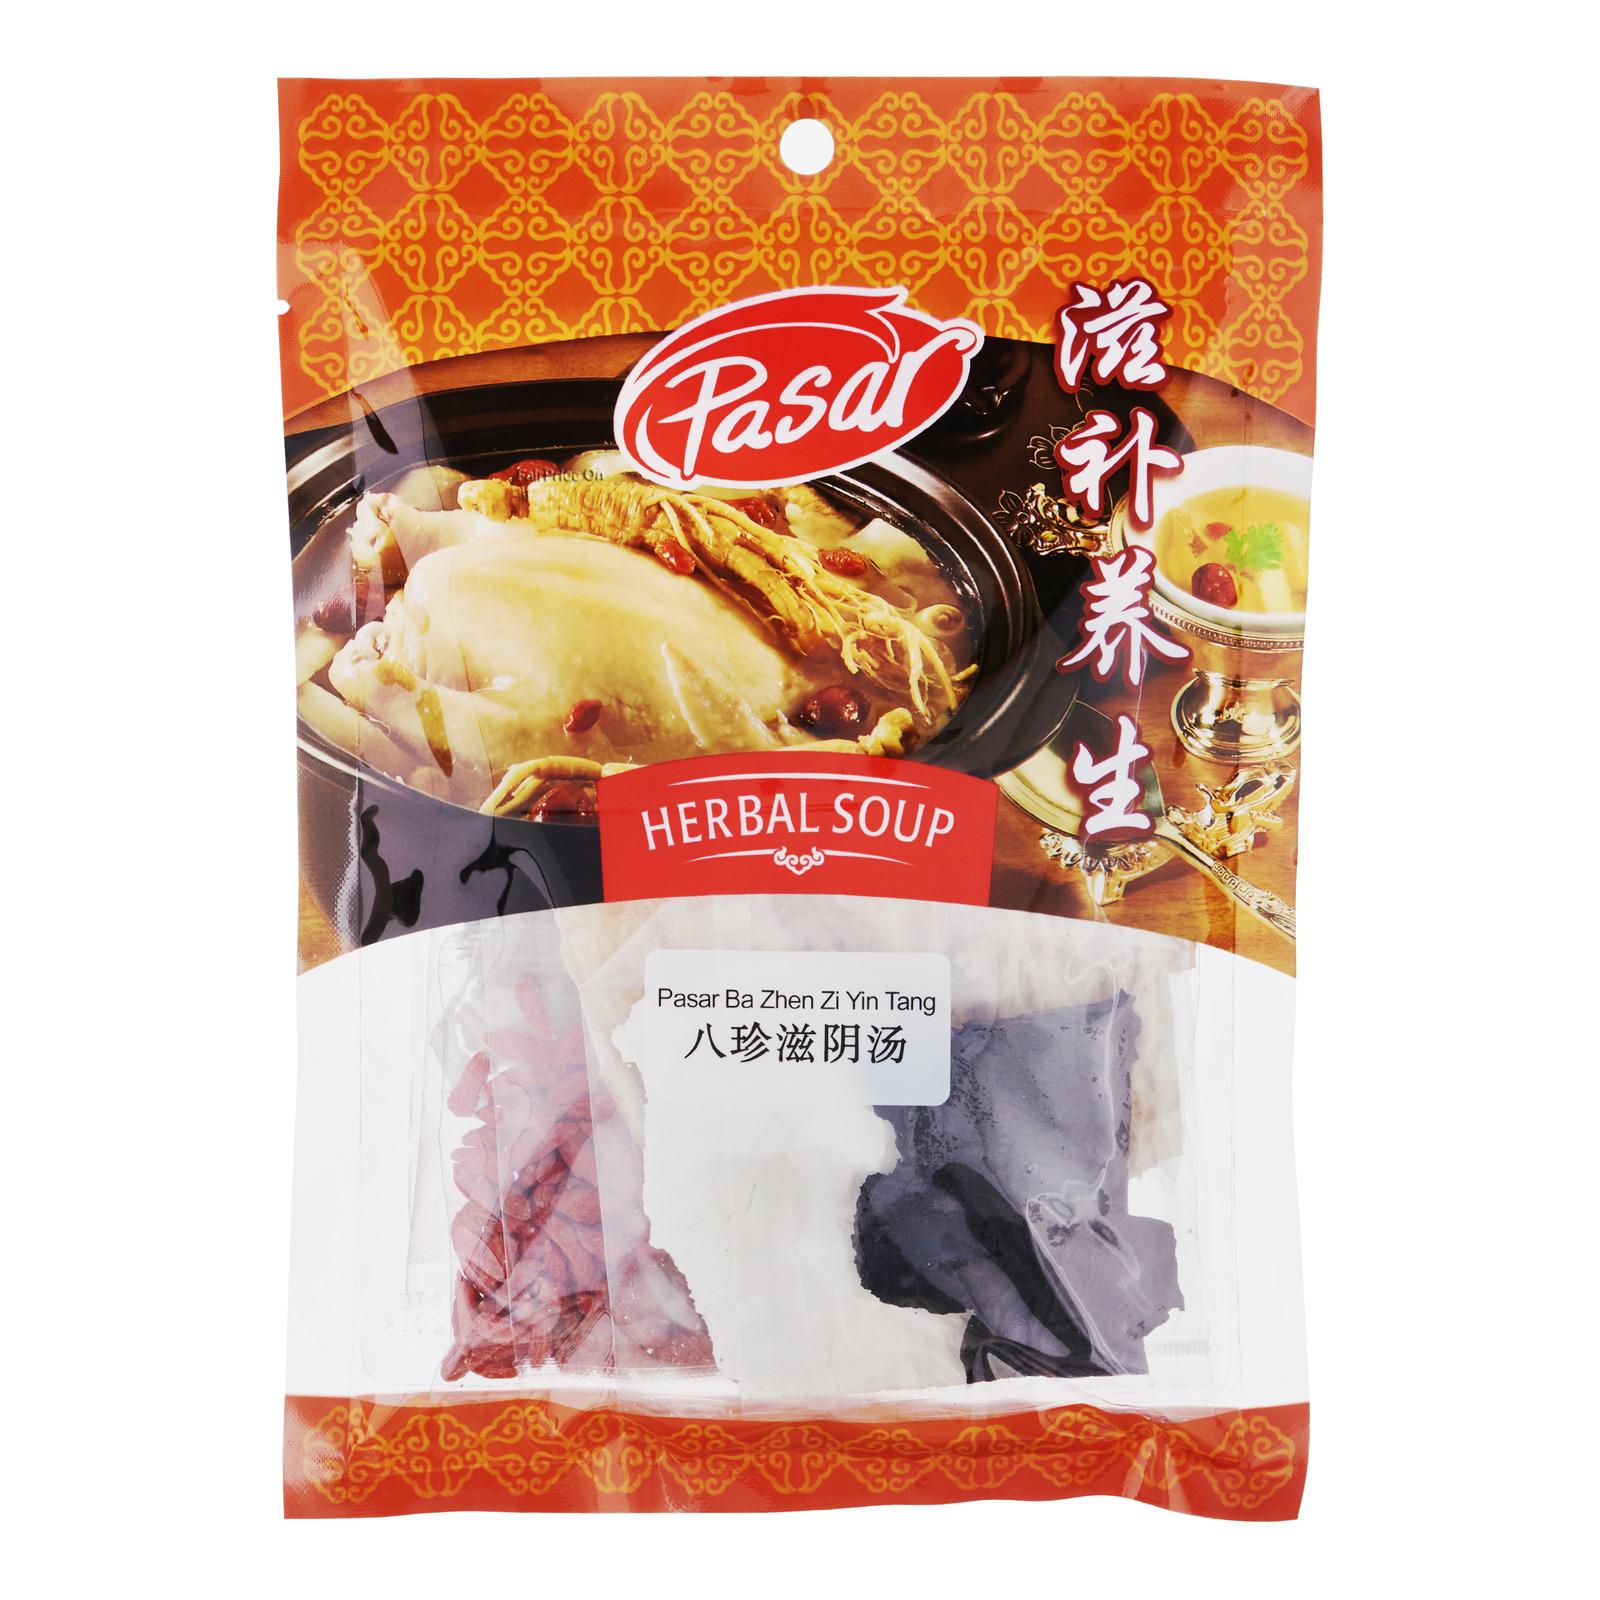 Pasar Herbal Soup - Ba Zhen Zi Yin Tang